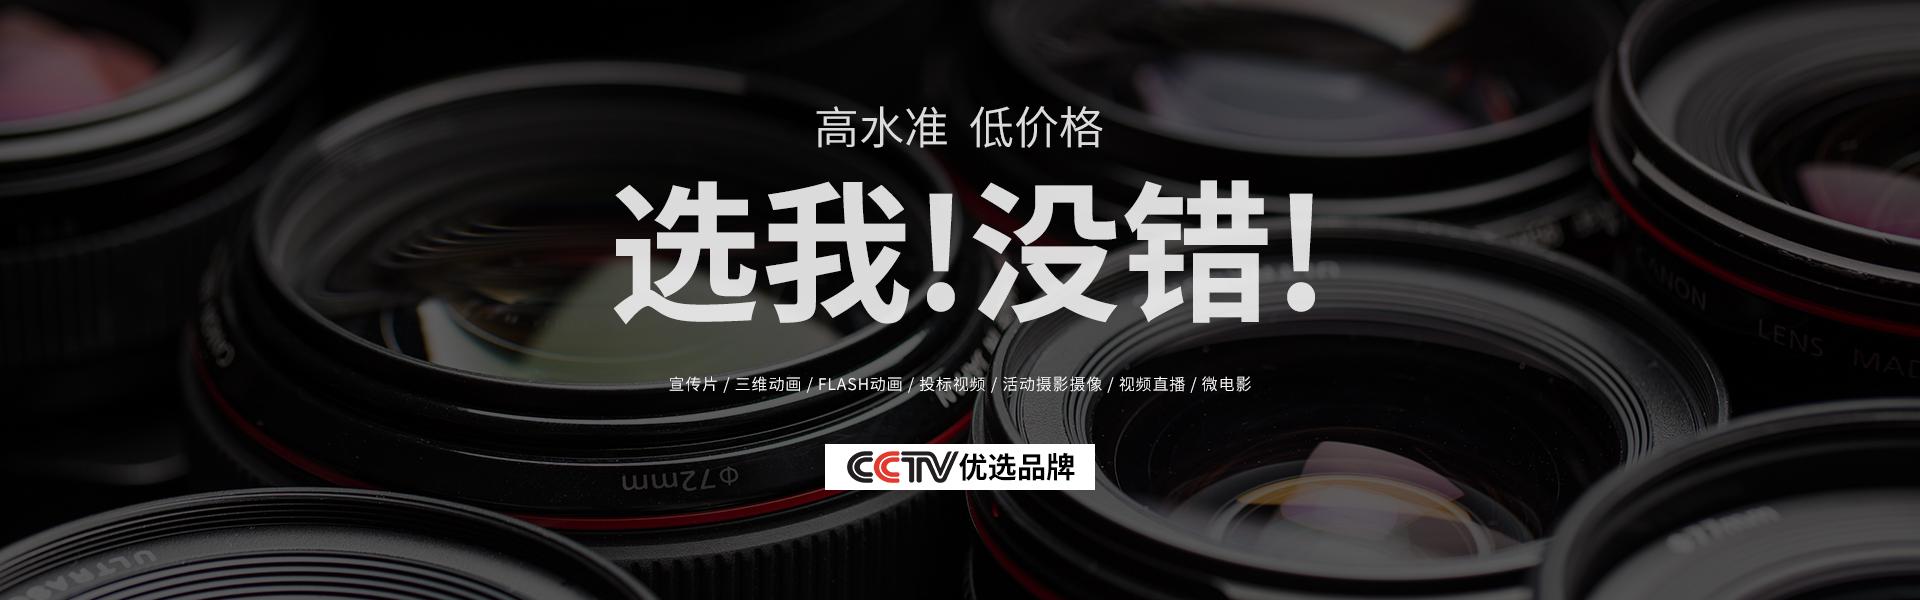 深圳大狮影业有限公司